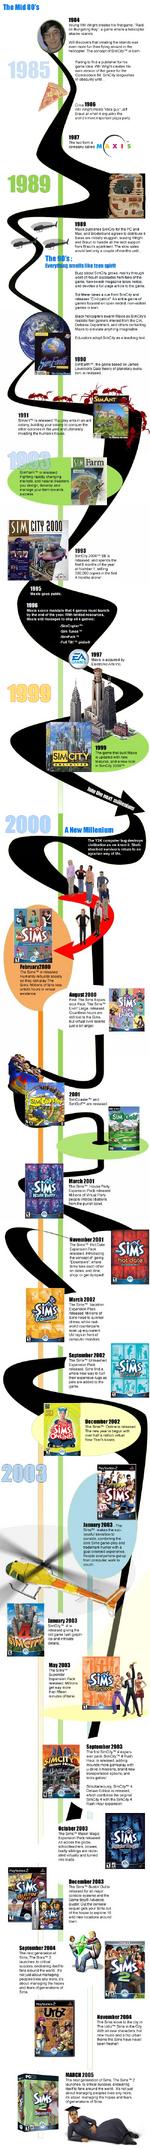 Historia de Maxis inglés